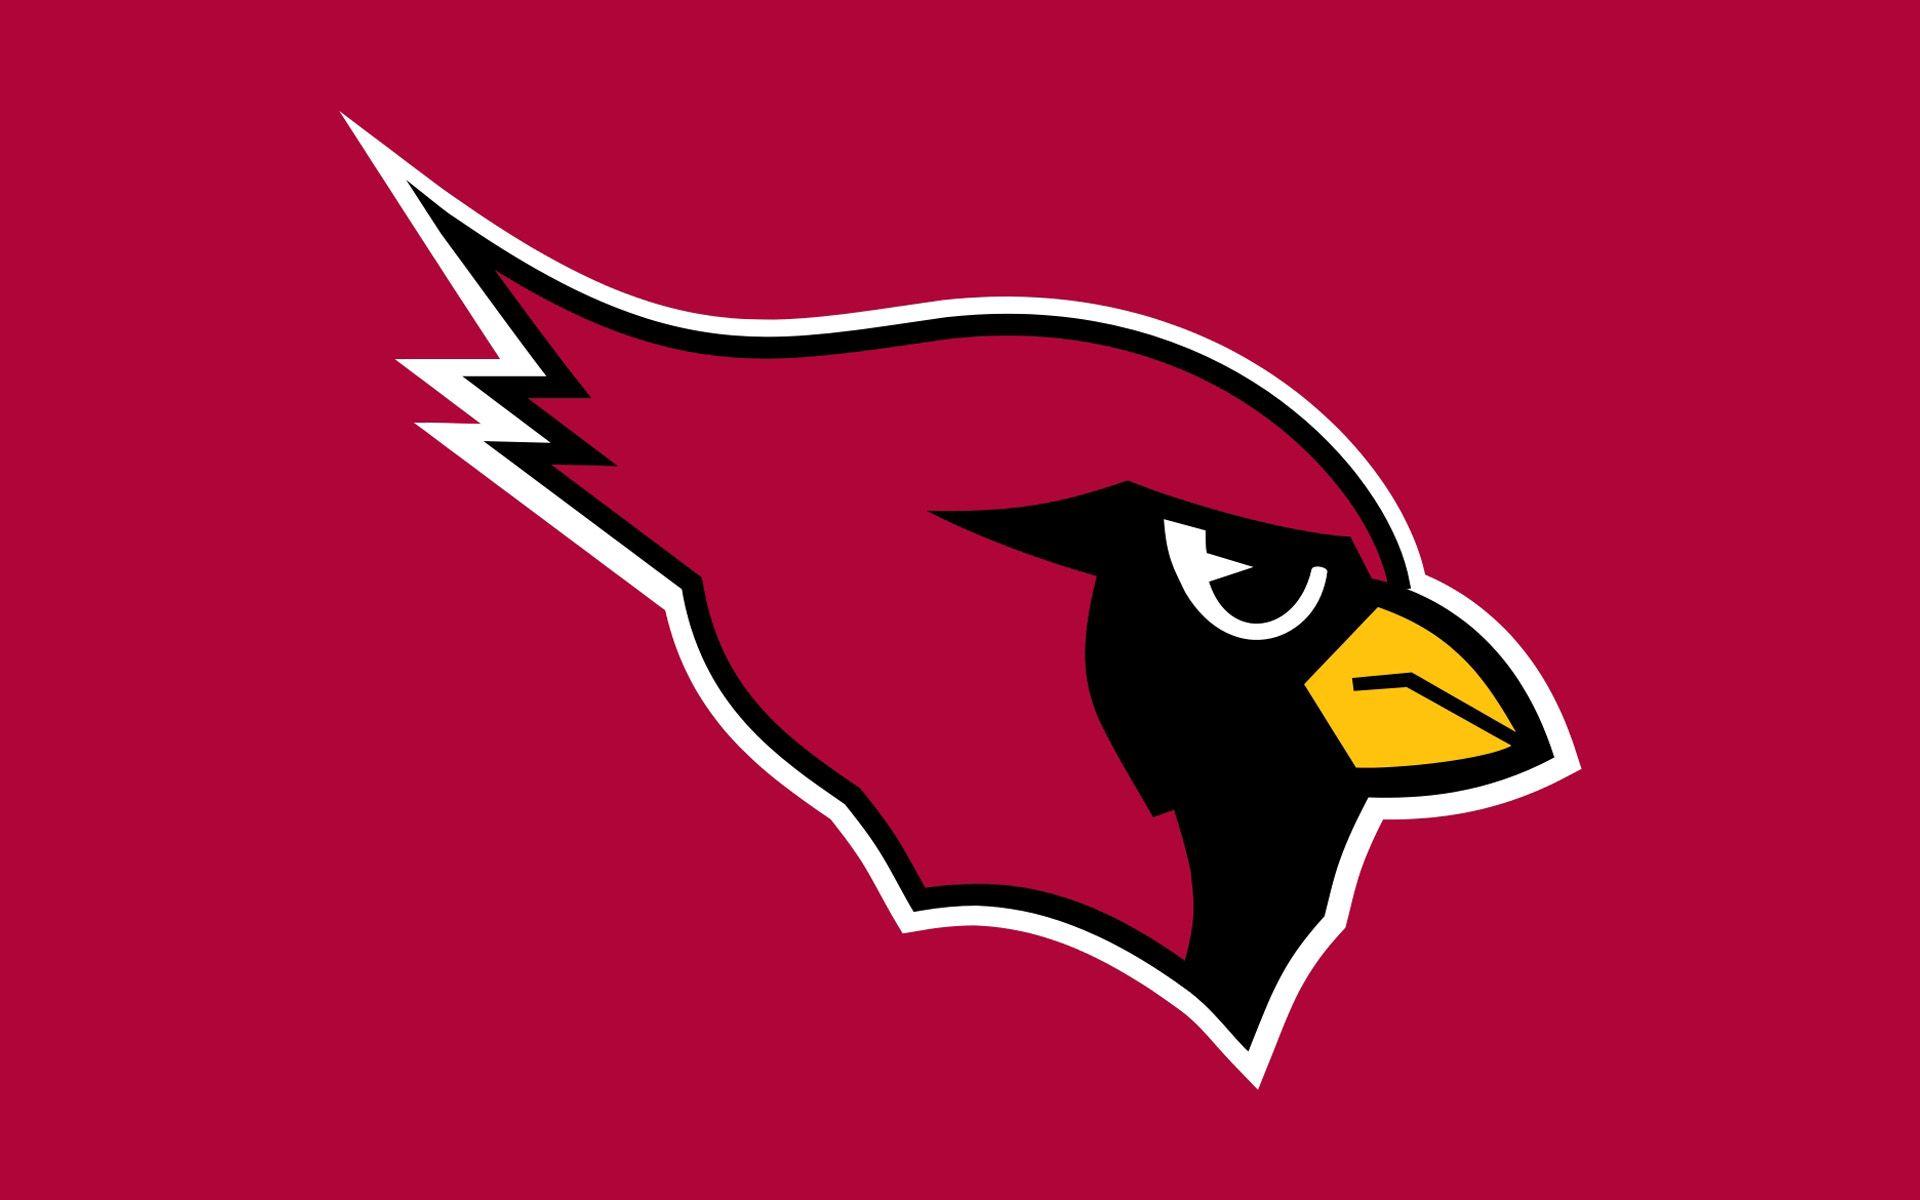 Arizona Cardinals Logo Hd Wallpapers Ihotwallpapers Com Arizona Cardinals Wallpaper Cardinals Nfl Arizona Cardinals Logo